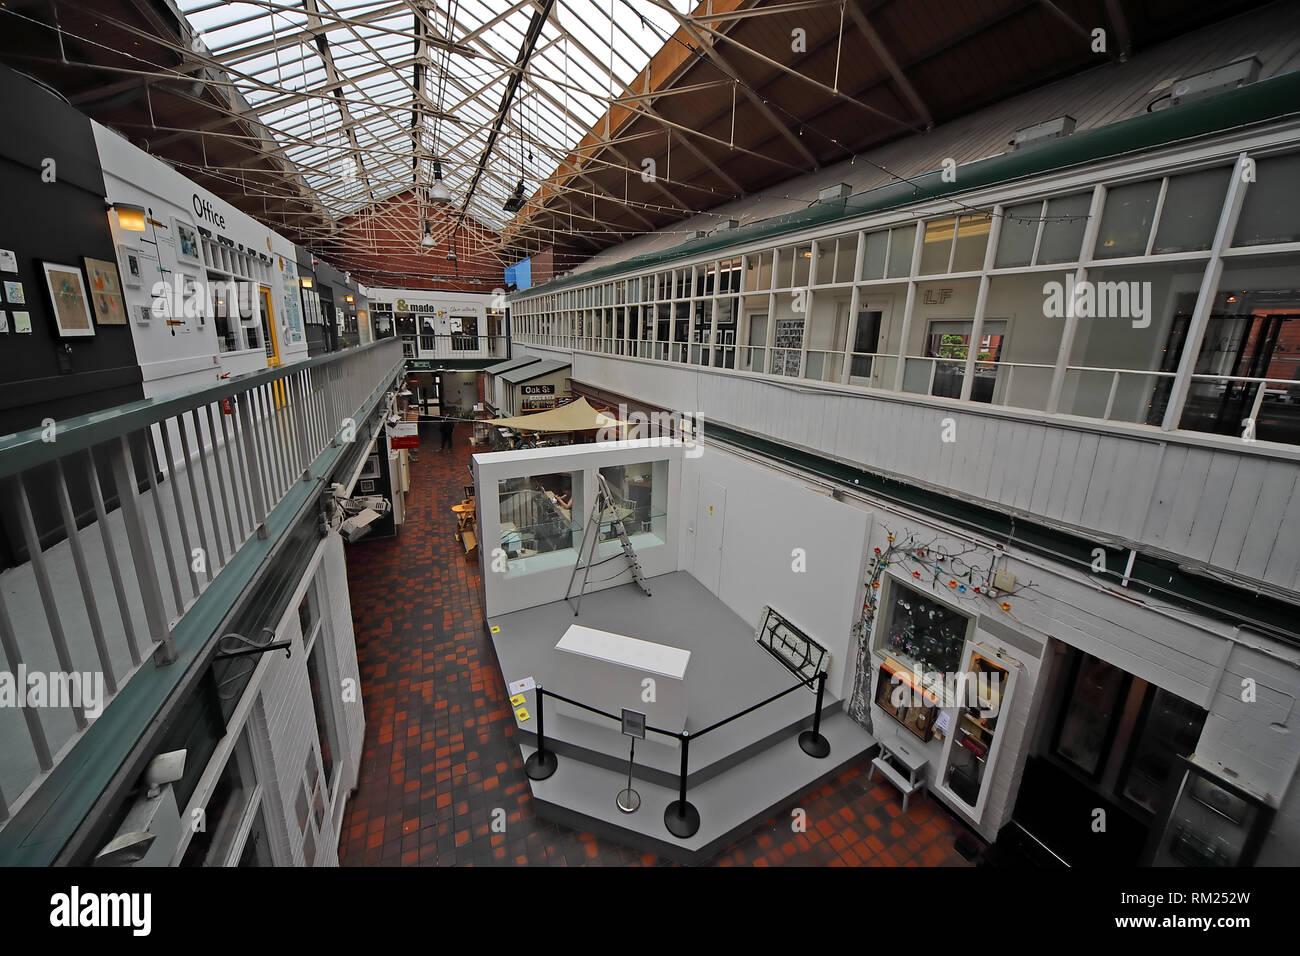 GoTonySmith,HotpixUK,@HotpixUK,England,UK,inside,interior,Manchester